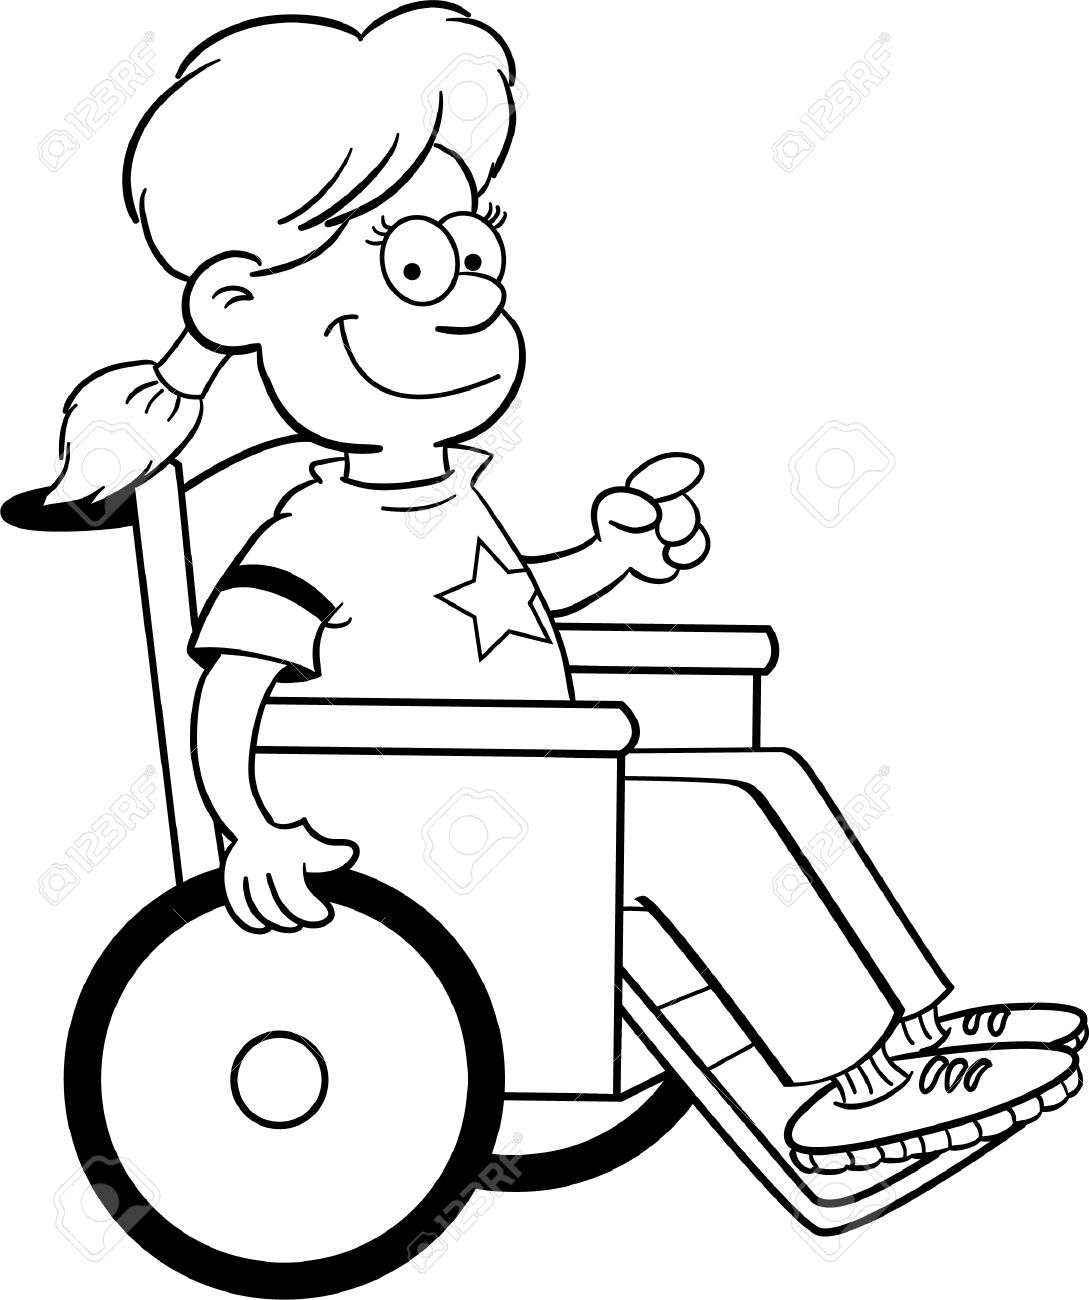 imagenes de niños en silla de ruedas para colorear